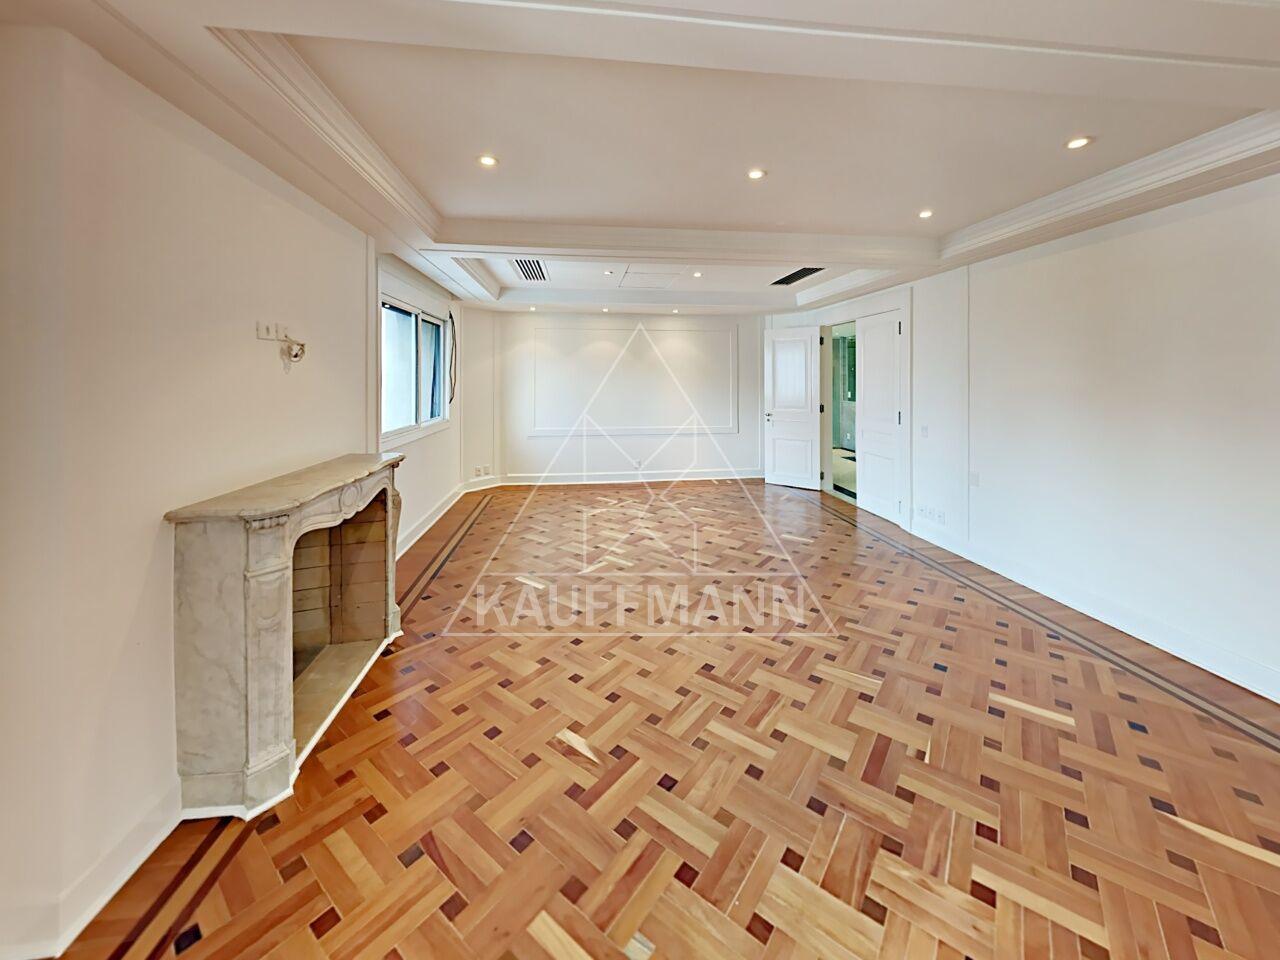 apartamento-venda-sao-paulo-jardim-america-regency-6dormitorios-6suites-7vagas-1099m2-Foto19